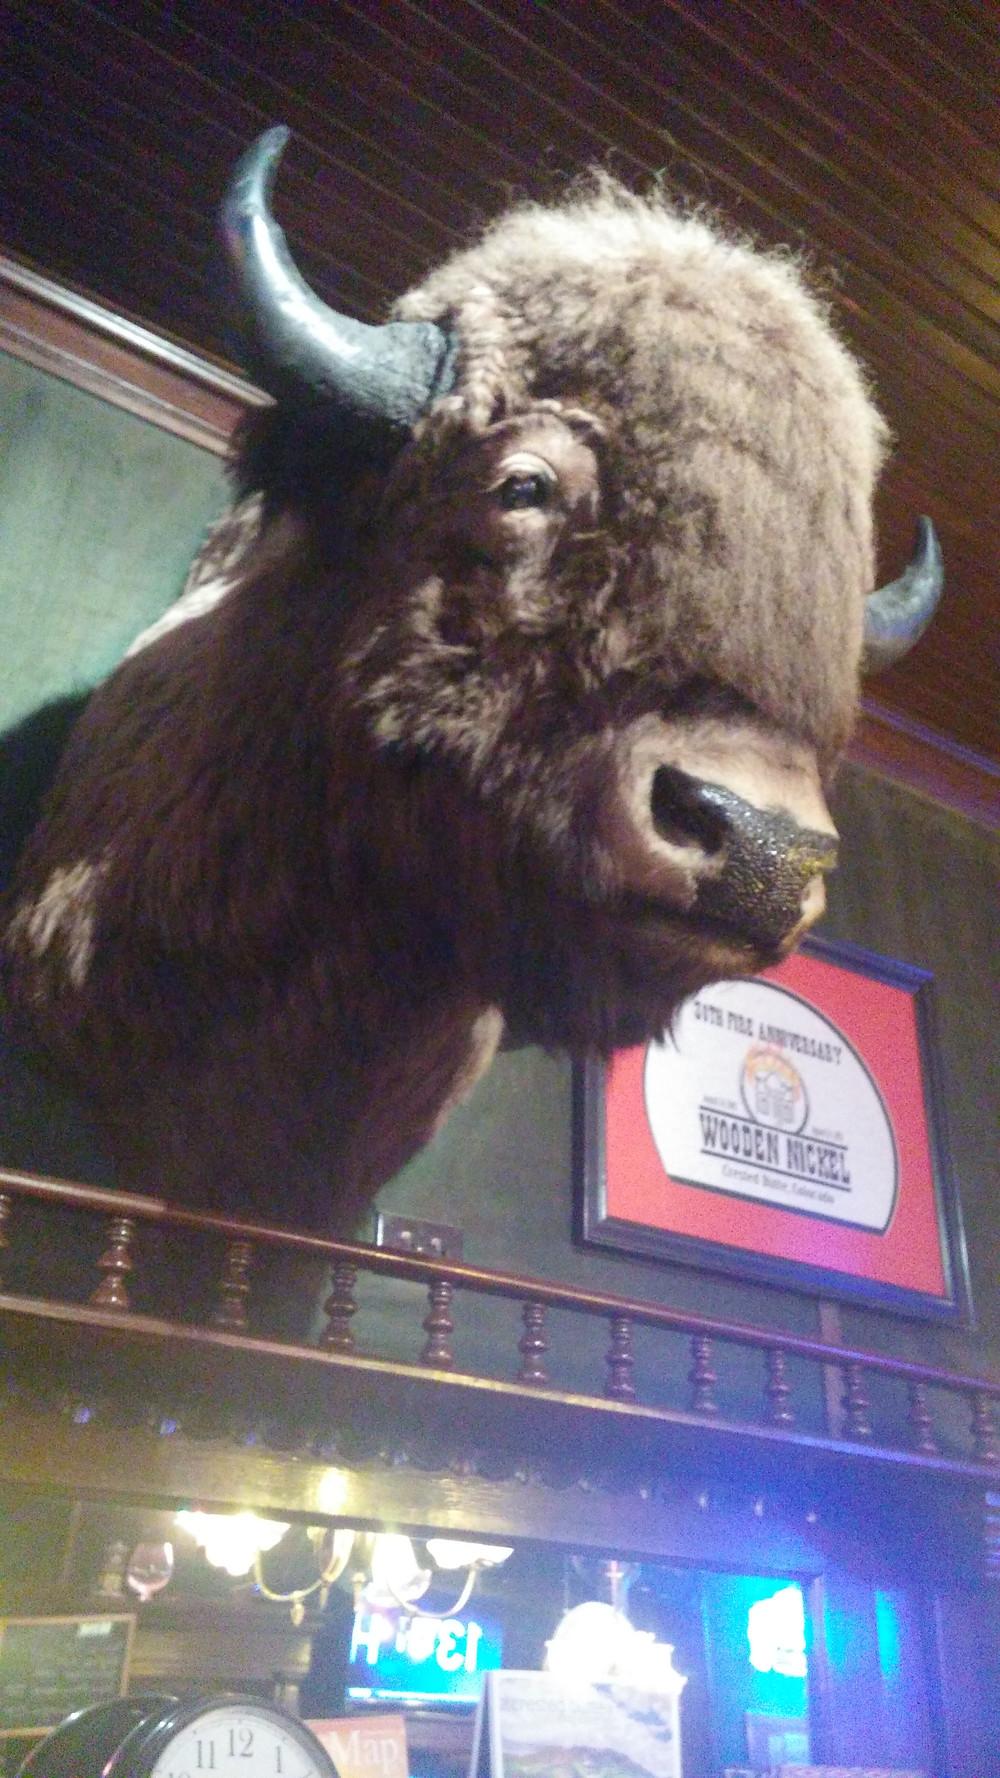 Buffalo Head at Wooden Nickel